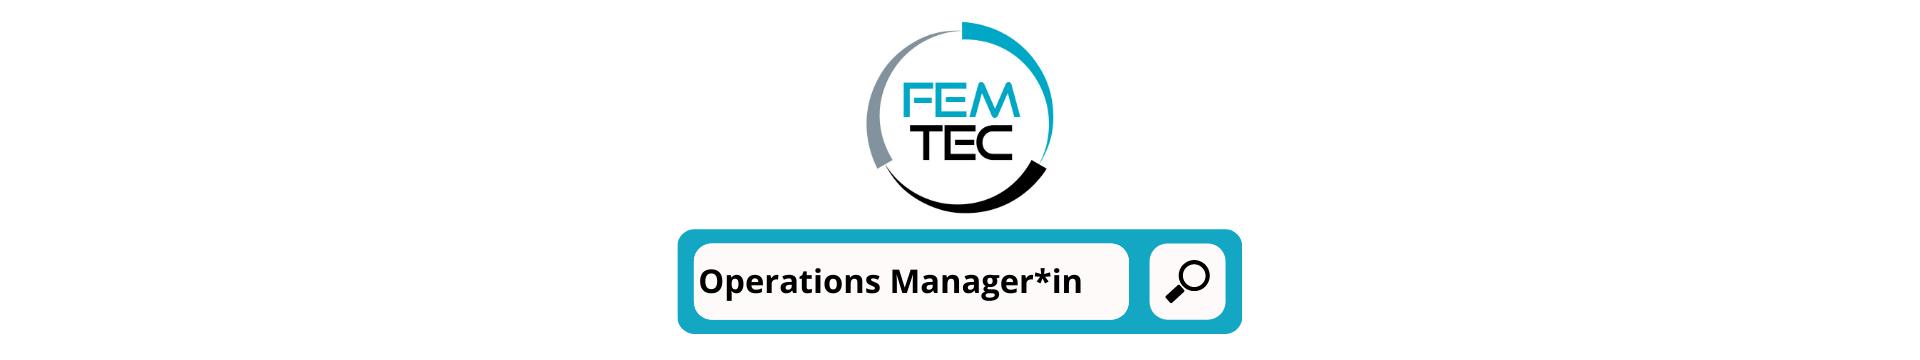 Femtec News - Neue Stellenausschreibung